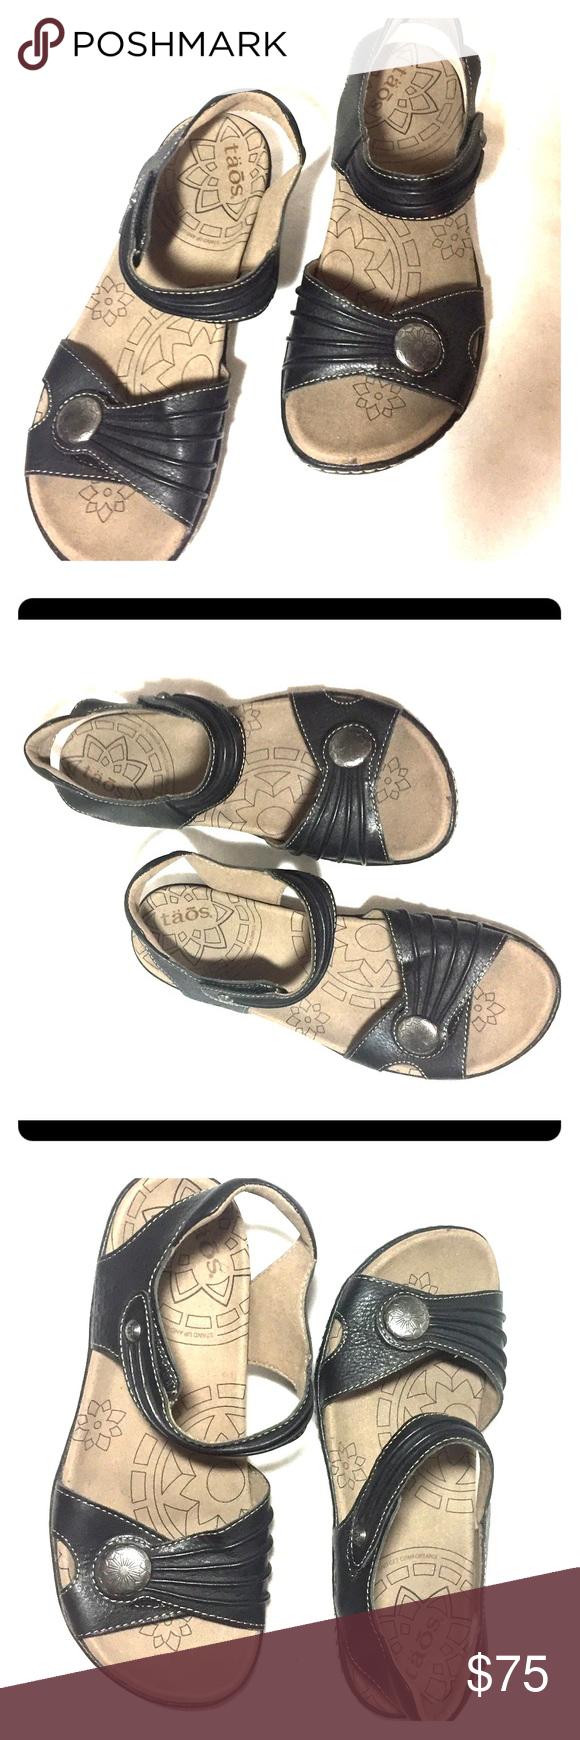 Black Taos Sandals EXCELLENT Condition size 8 Almost new black Taos Escape sandals size 8. Excellent Condition no flaws Taos Footwear Shoes Sandals